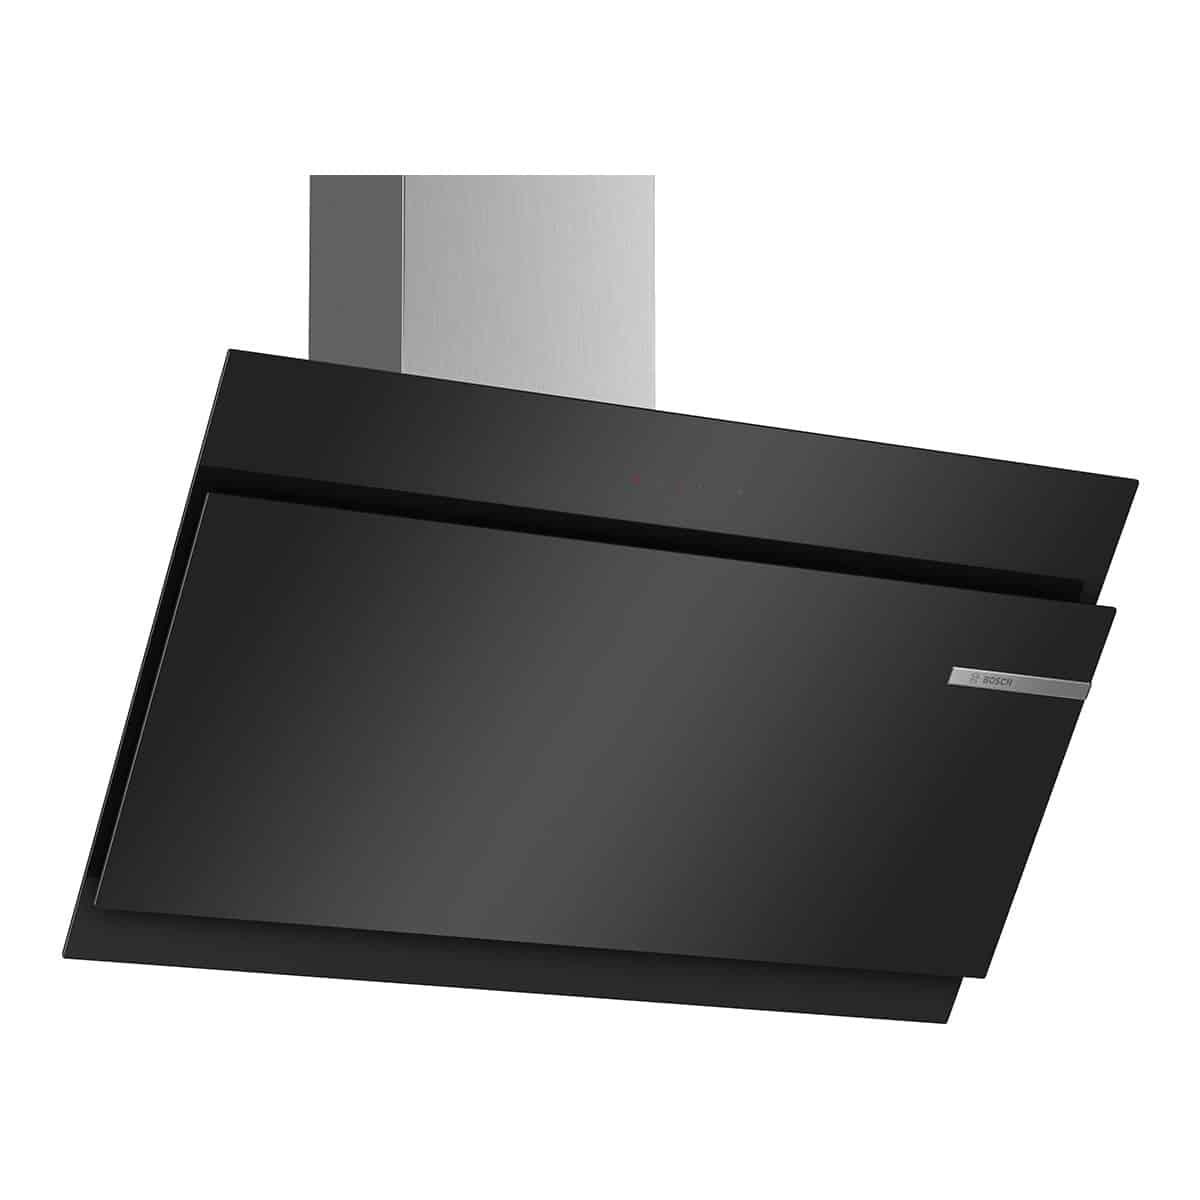 Campana decorativa Bosch DWK97JM60 con electrónica Touch